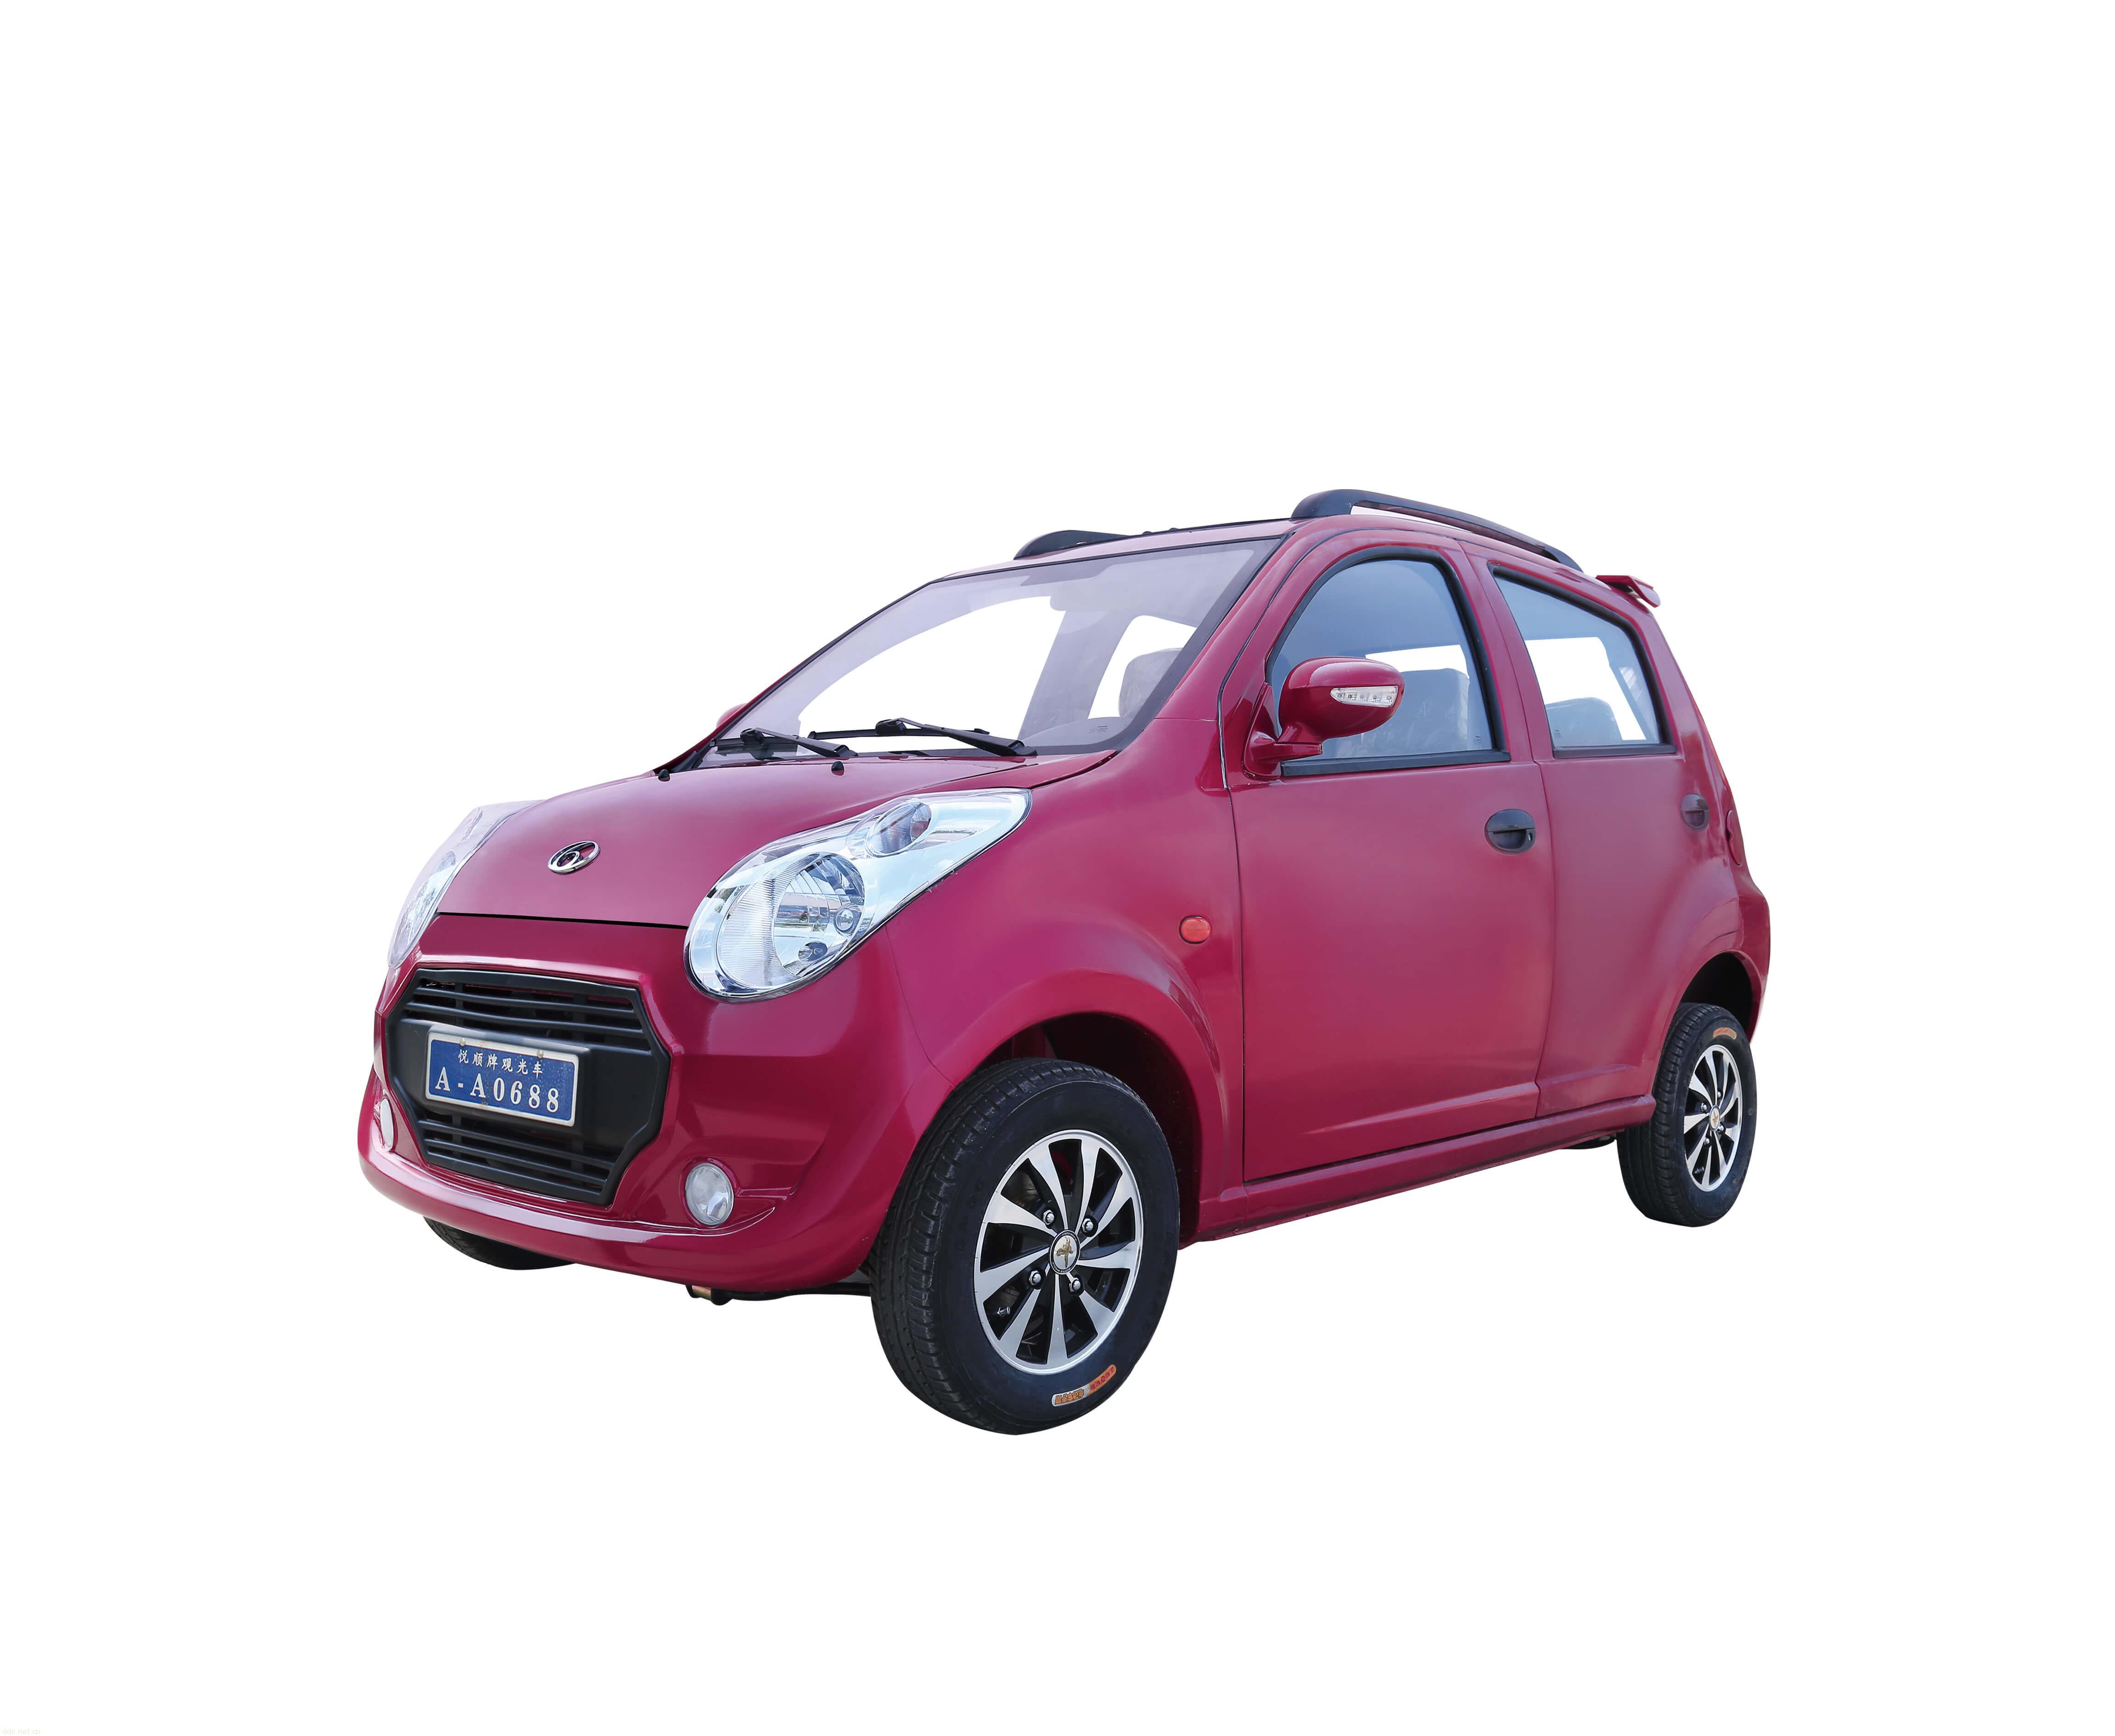 2015新v6电动汽车-空调尊贵版(yd5jk)